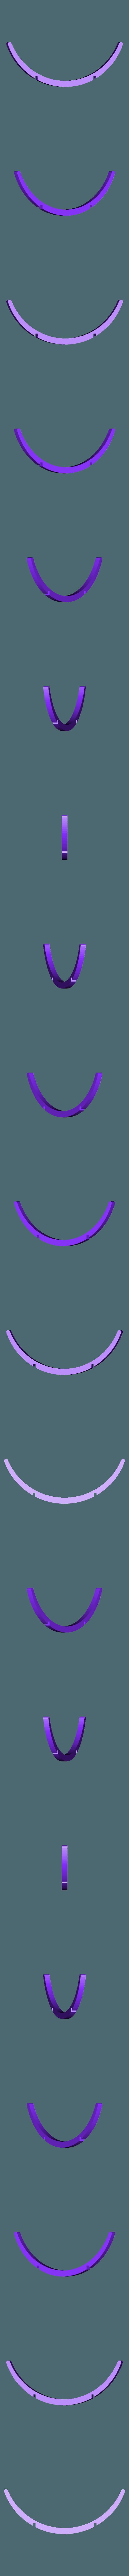 Bowl_8.stl Télécharger fichier STL gratuit Remix de bol de fruits pour l'impression 3D • Plan imprimable en 3D, tylerebowers